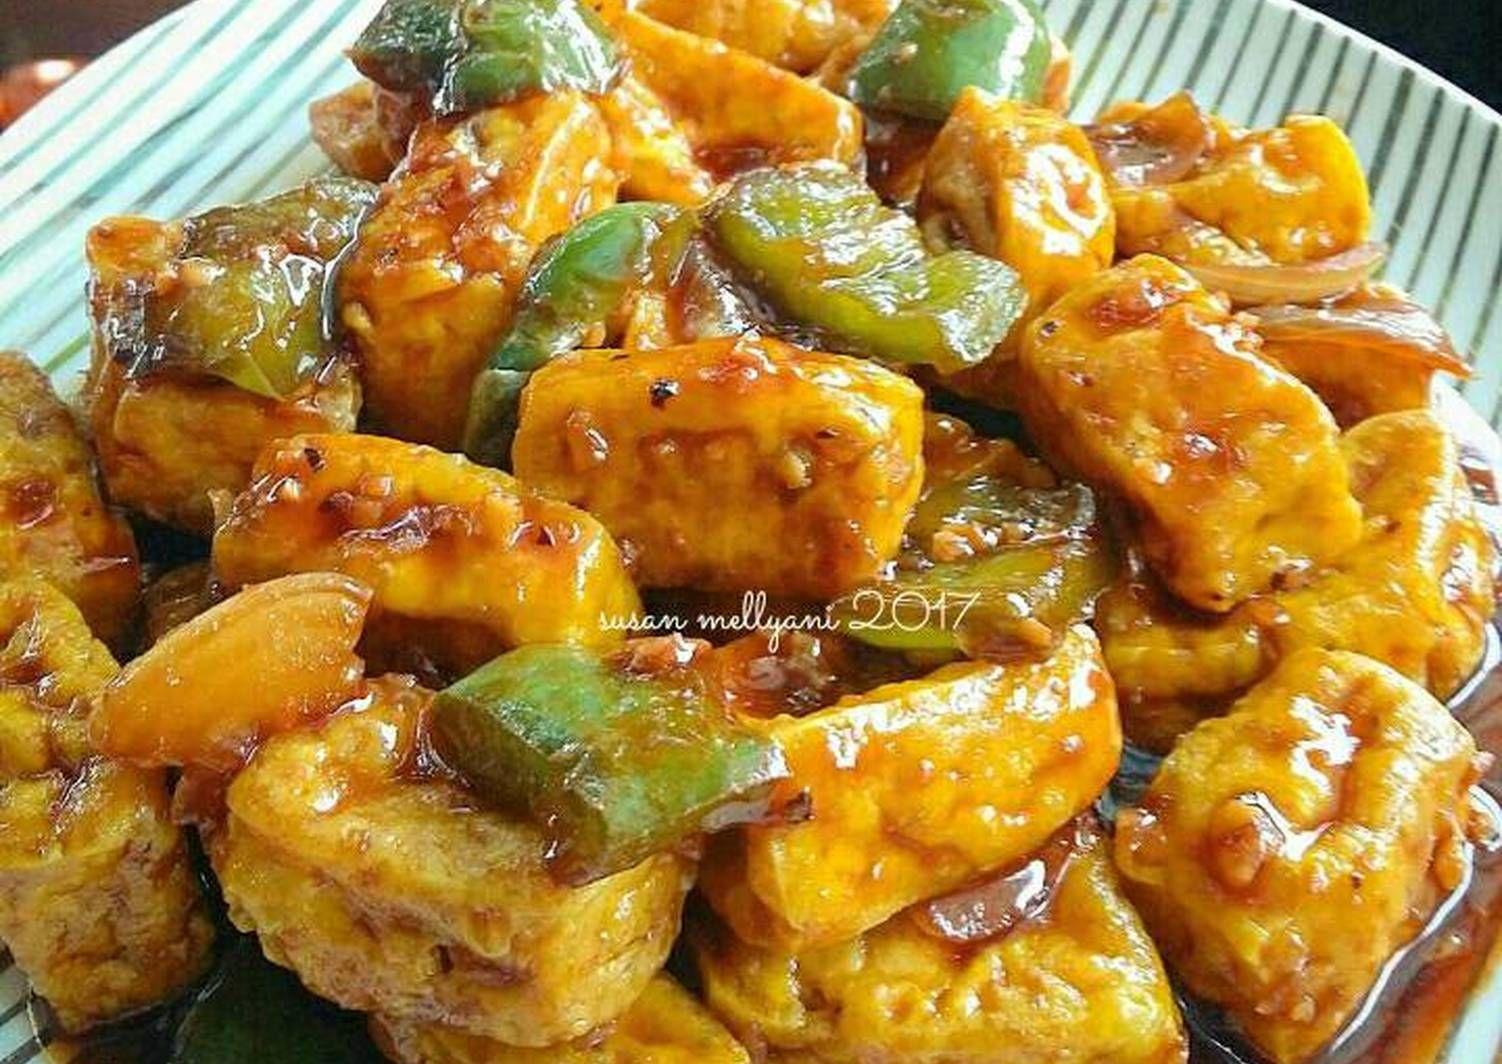 Resep Tahu Lada Hitam Oleh Susan Mellyani Resep Resep Tahu Resep Vegetarian Resep Makanan Cina